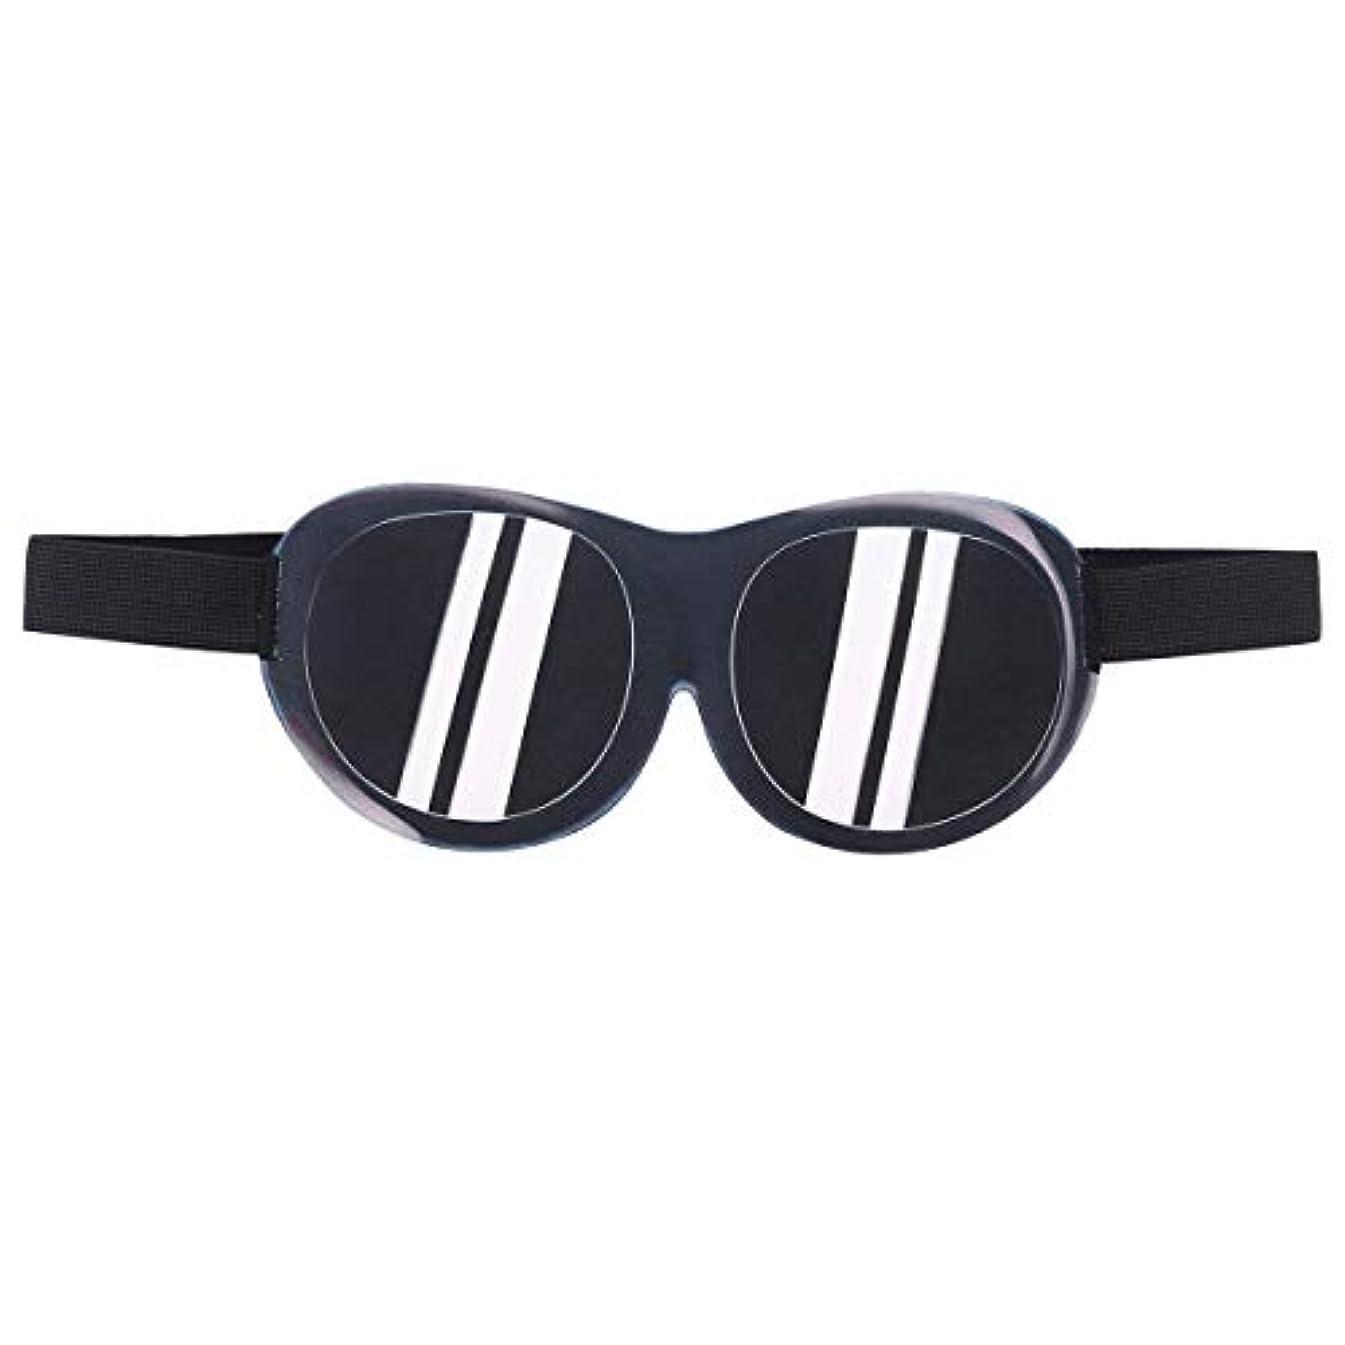 満足できる組み込む子孫Healifty 睡眠目隠し3D面白いアイシェード通気性睡眠マスク旅行睡眠ヘルパーアイシェード用男性と女性